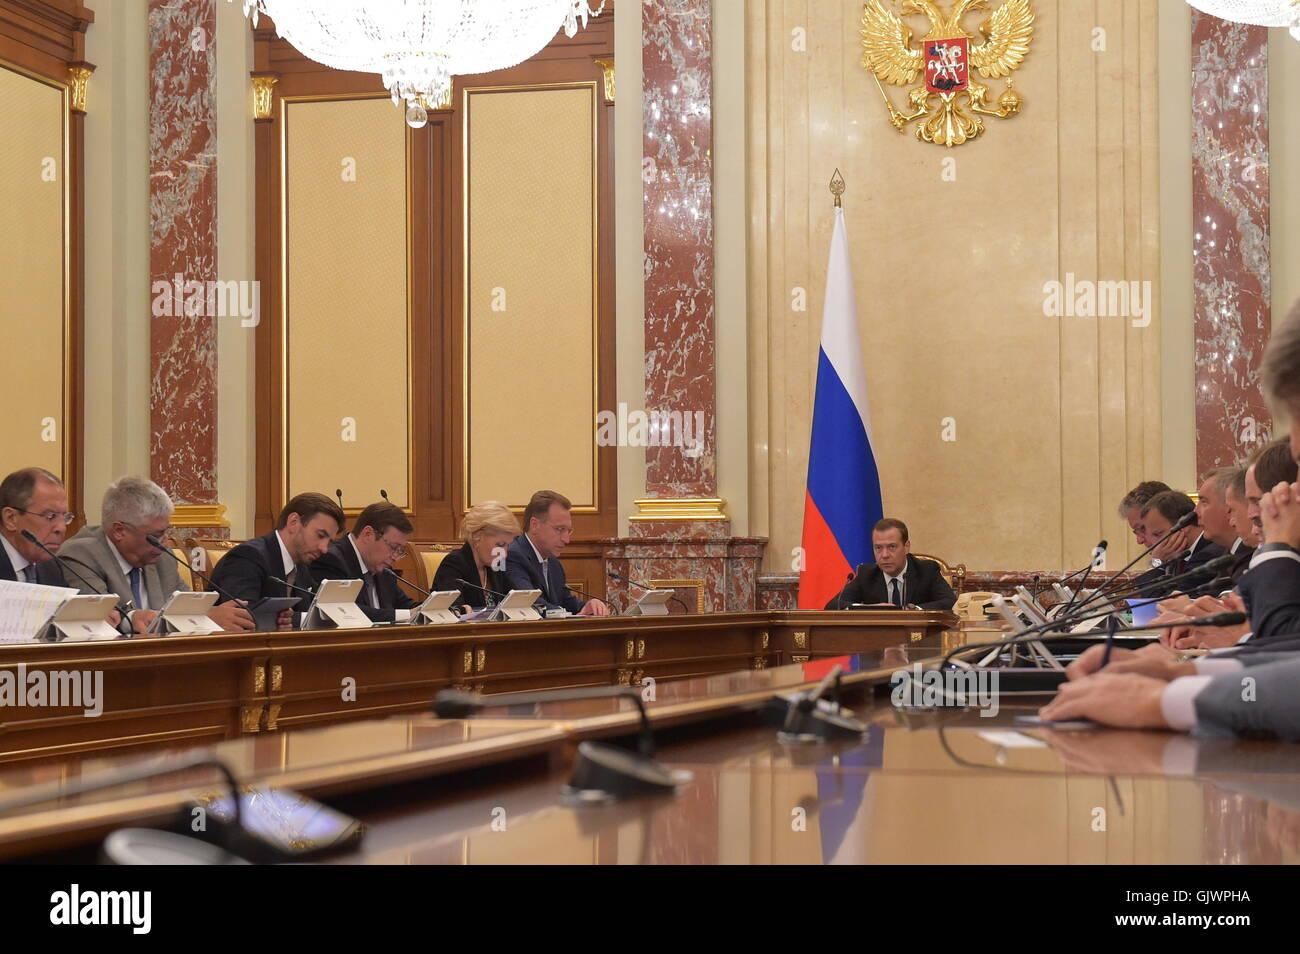 Moskau, Russland. 18. August 2016. Russlands Prime Minister Dmitry Medvedev (R) spricht bei einer Sitzung der russischen Stockfoto